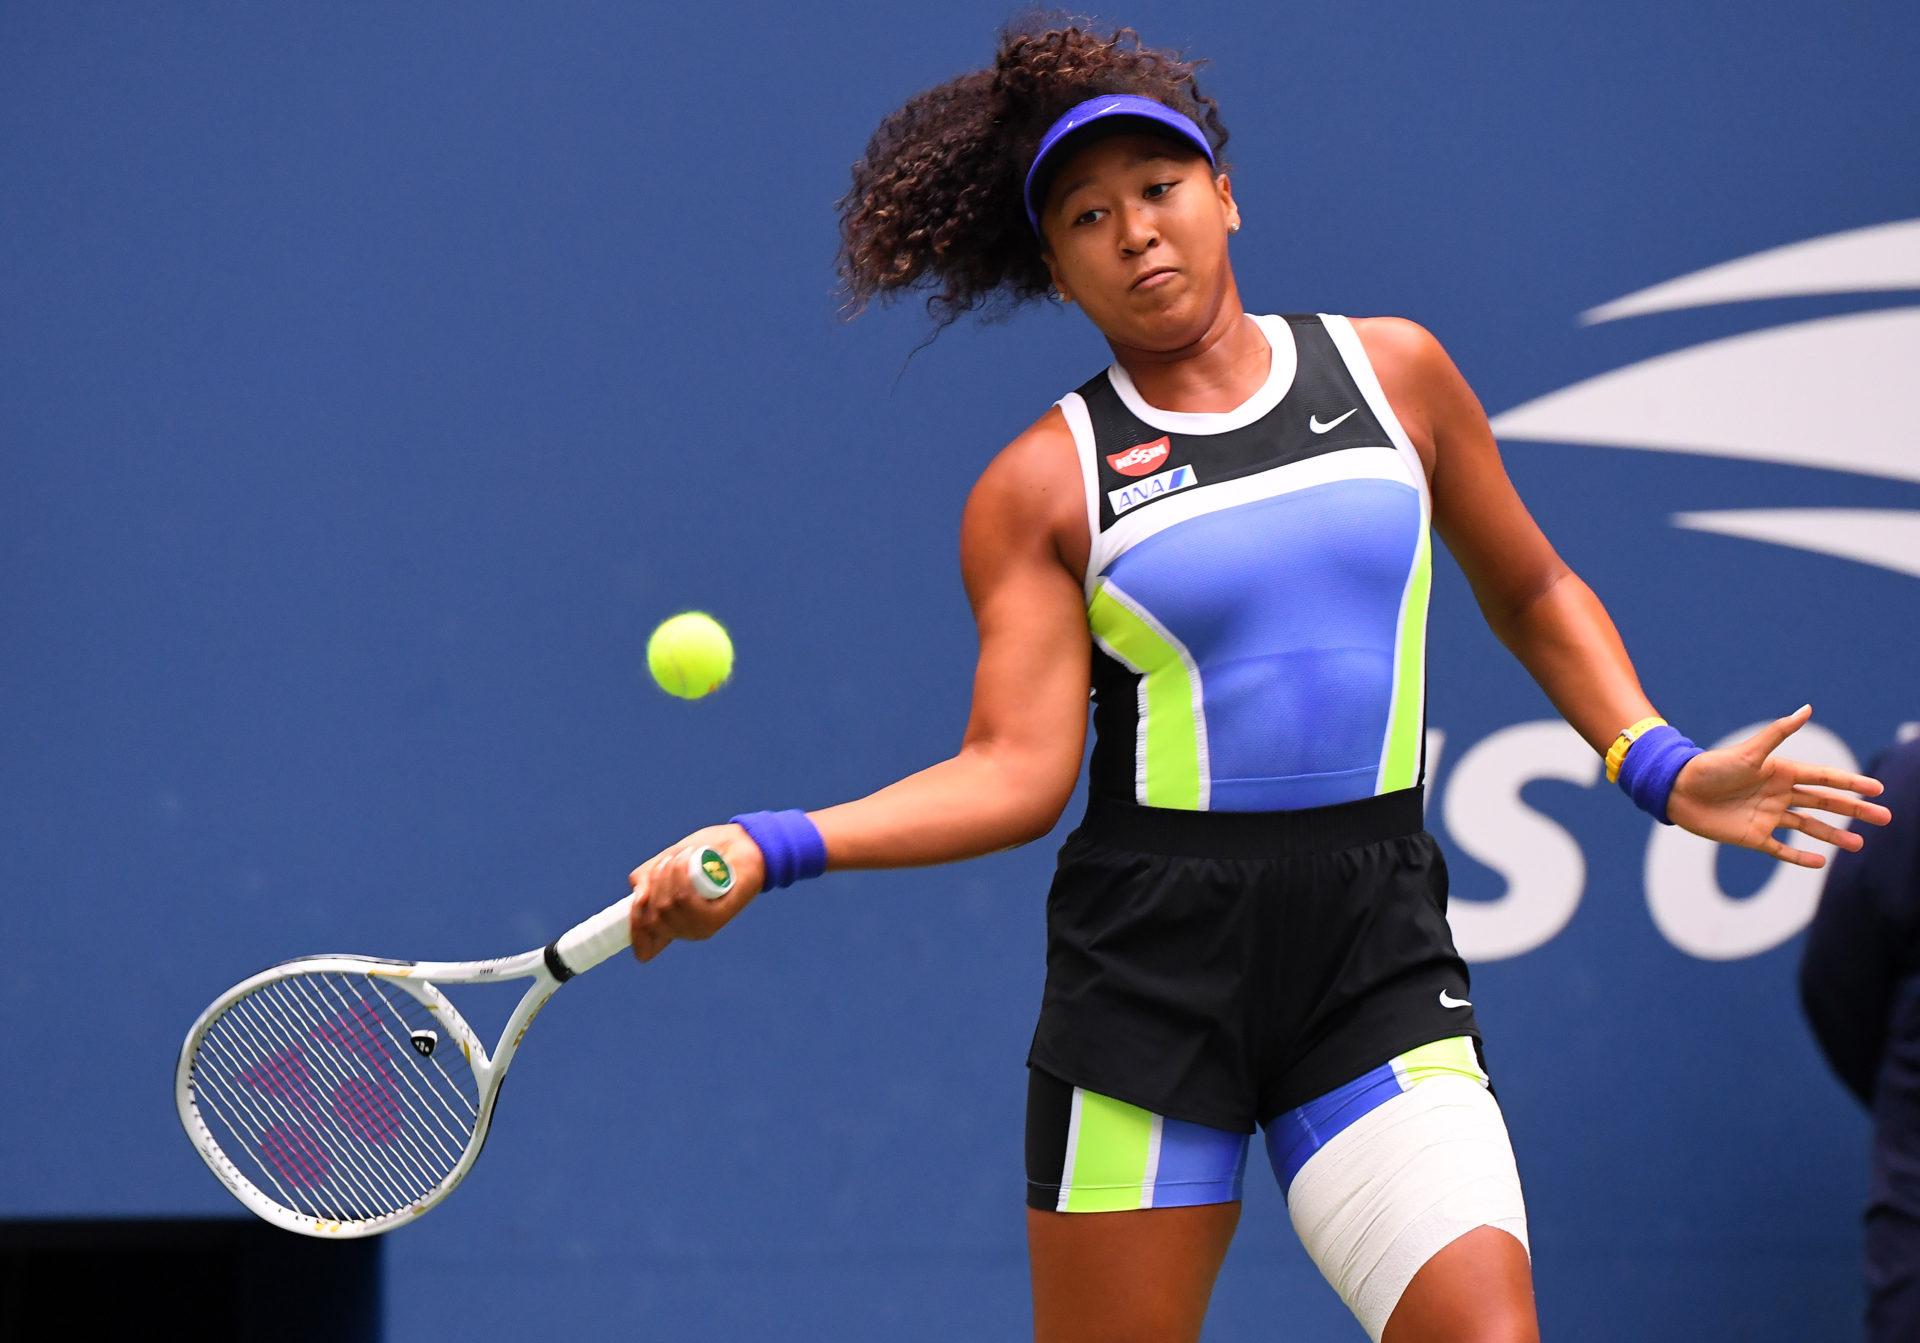 Miami Open 2021: Naomi Osaka vs. Nina Stojanovic Tennis Pick and Prediction